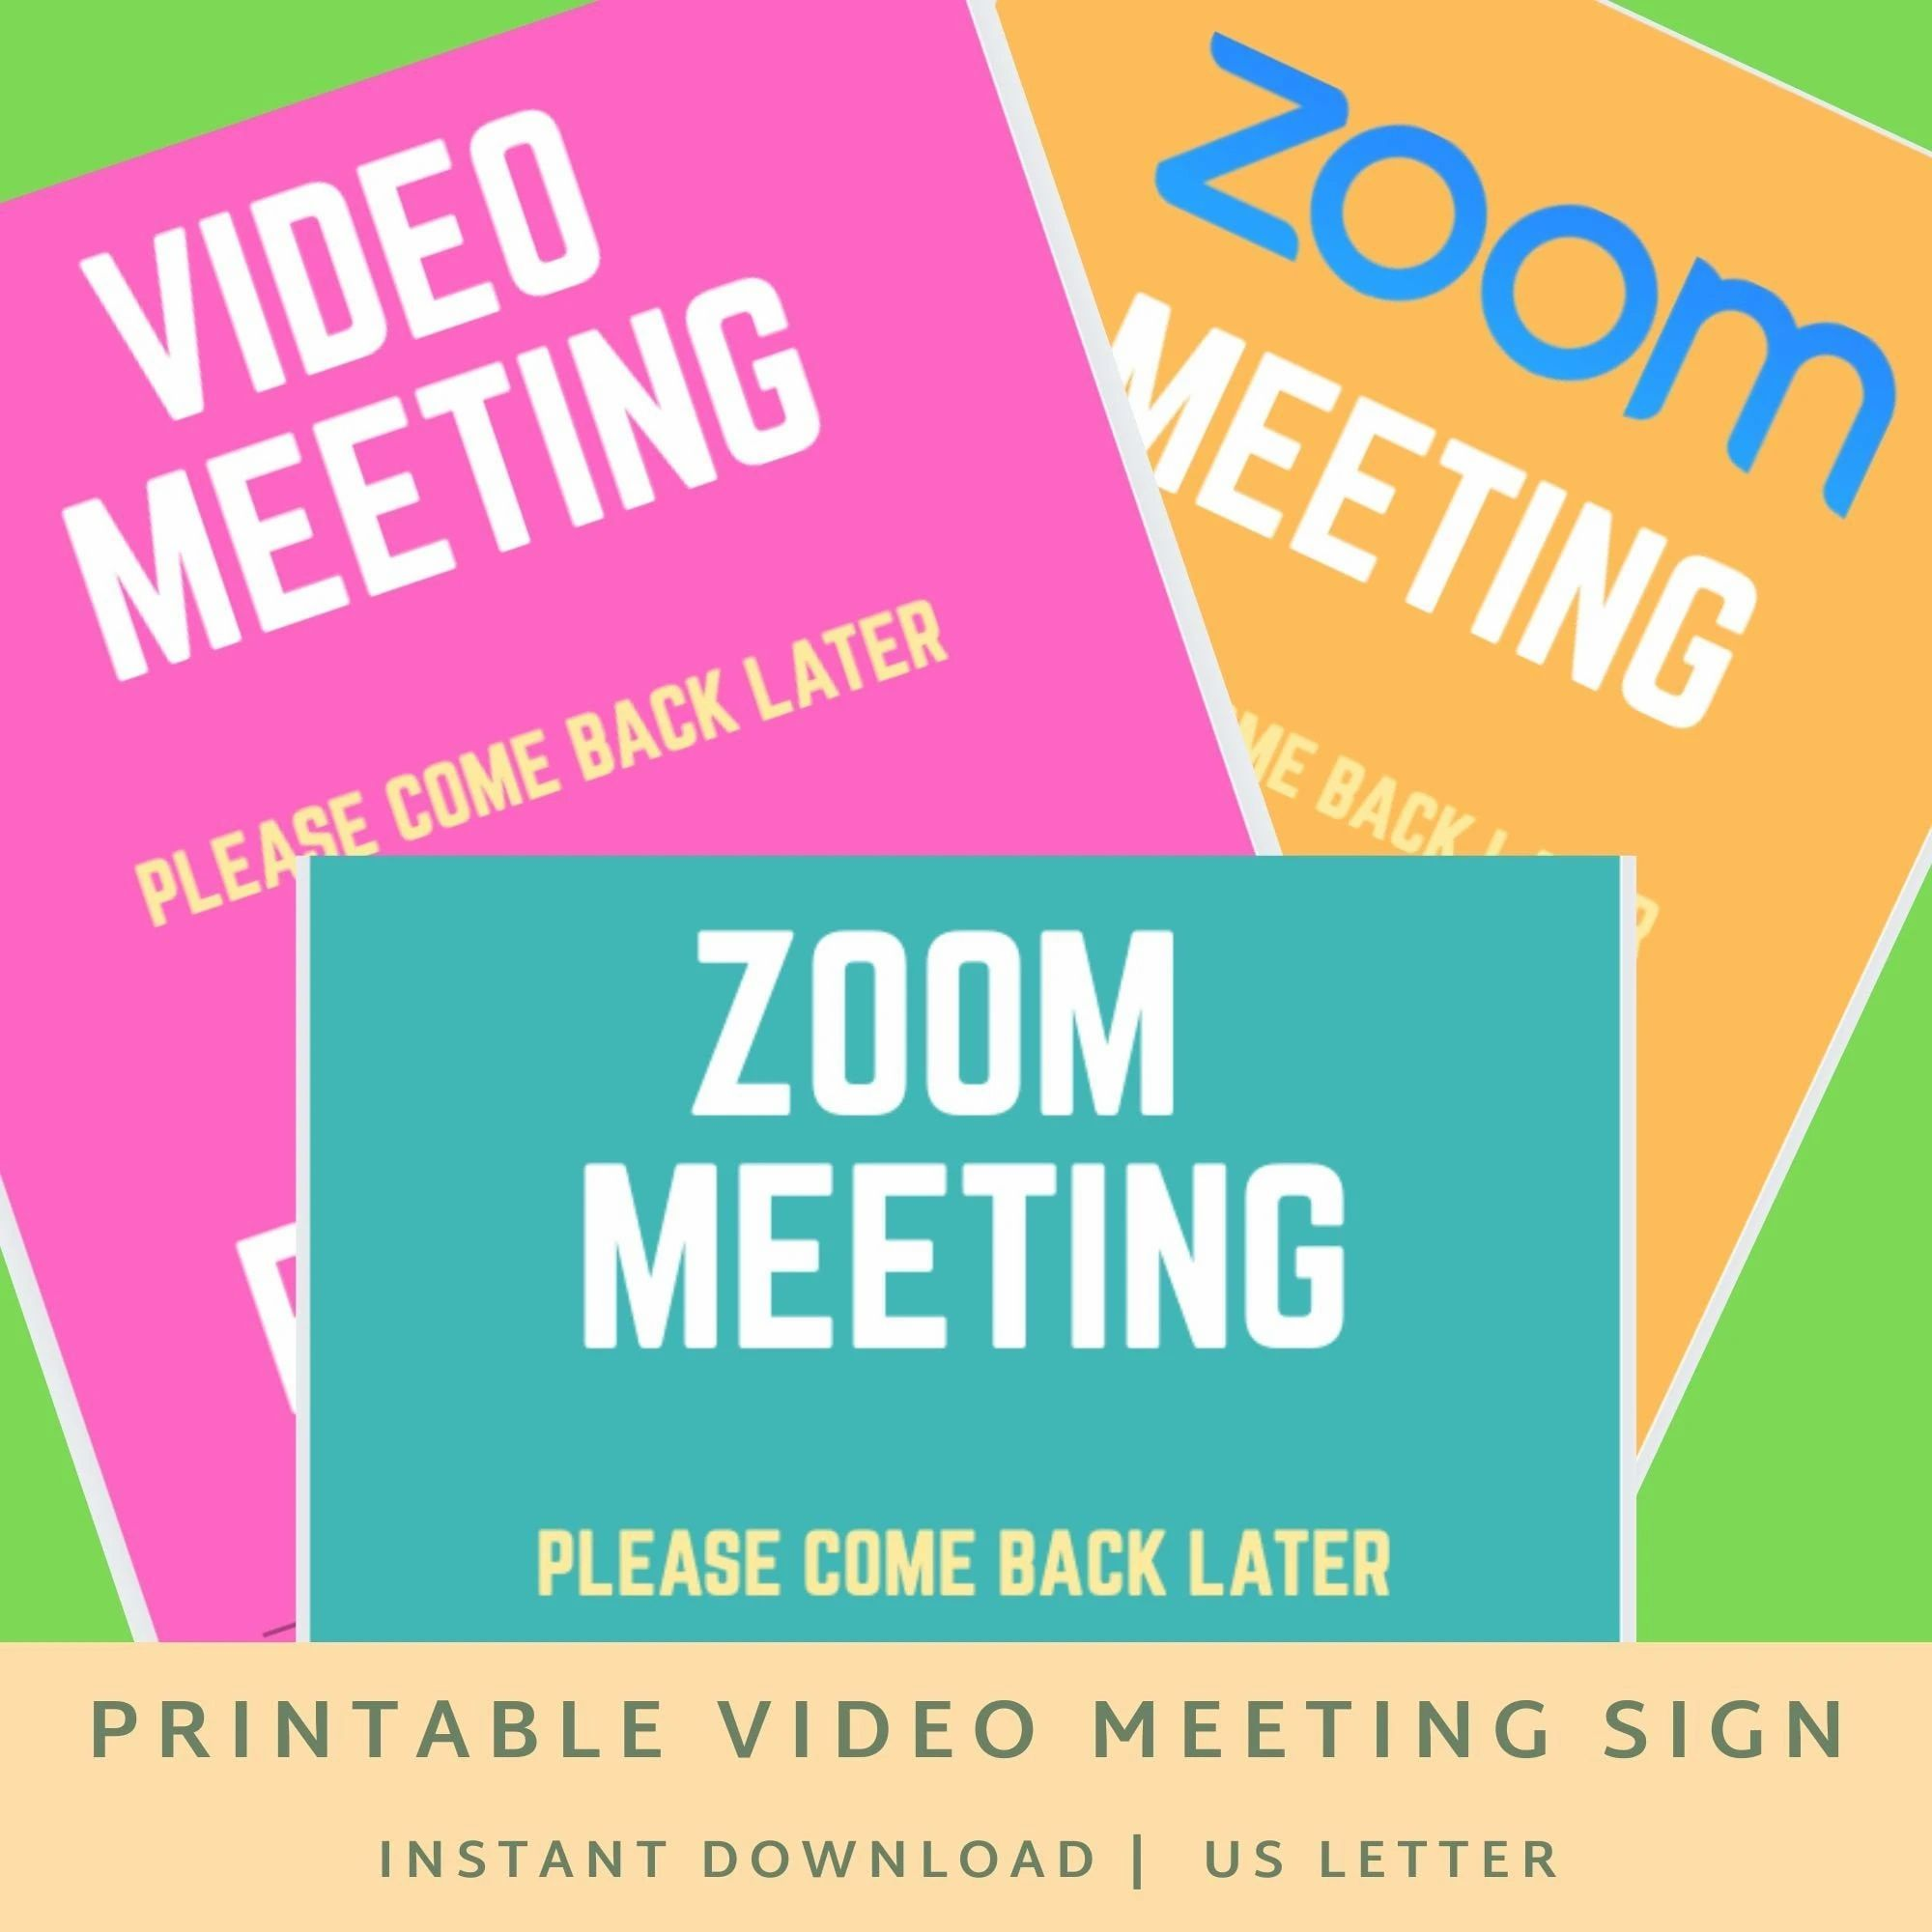 Zoom Video Meeting Printable Signs Meeting In Progress Signs Business Meeting Signs Printable Signs Business Signs Business Plan Template